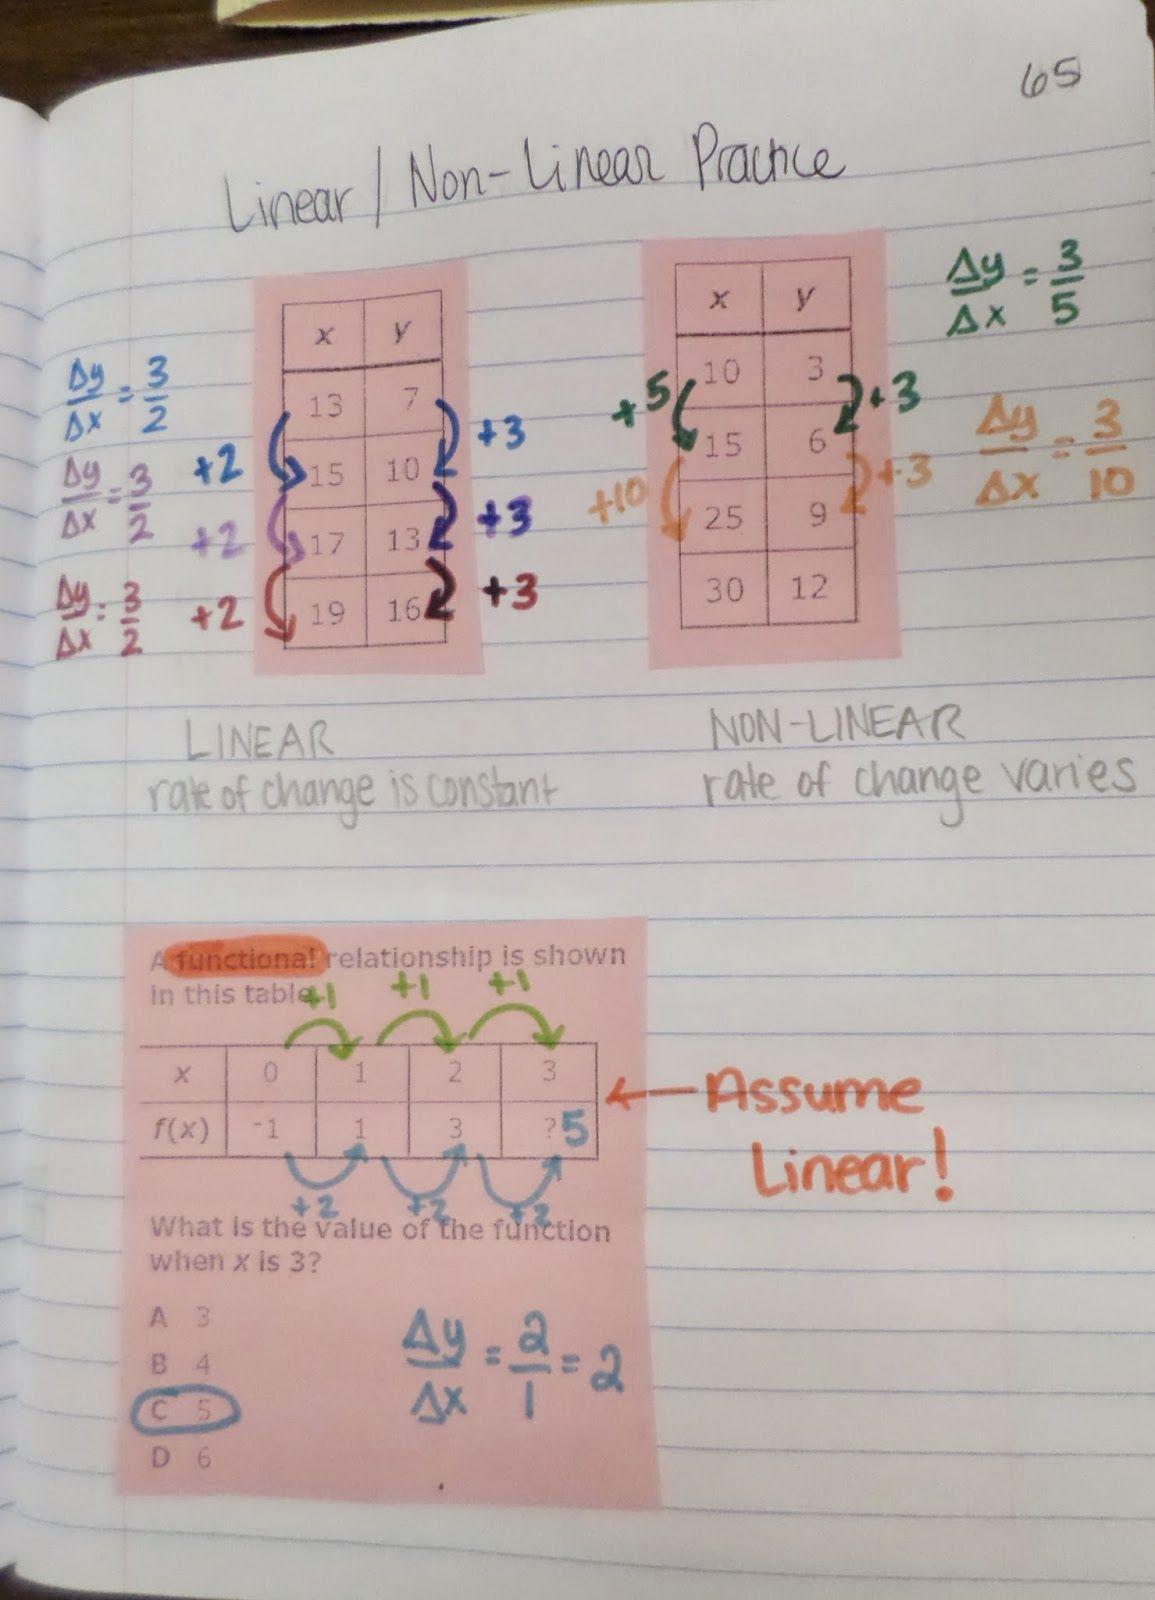 Linear Vs Non Linear Practice In Inb 8 5 5